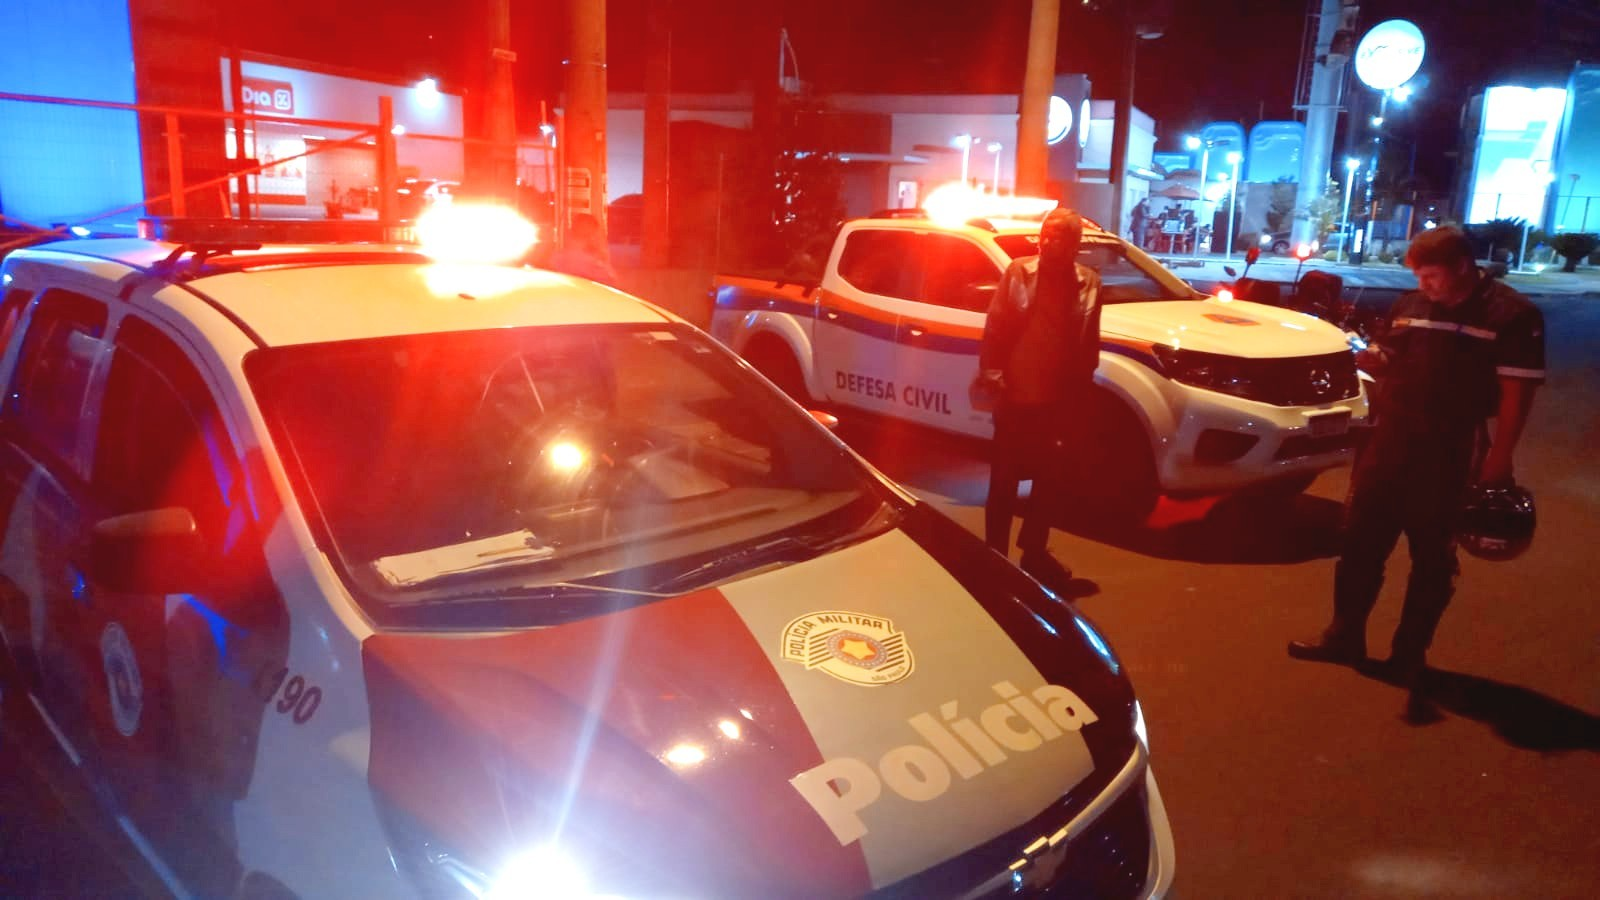 Prefeitura fecha festa com 500 pessoas e aplica multa de mais de R$ 14 mil em Jaú